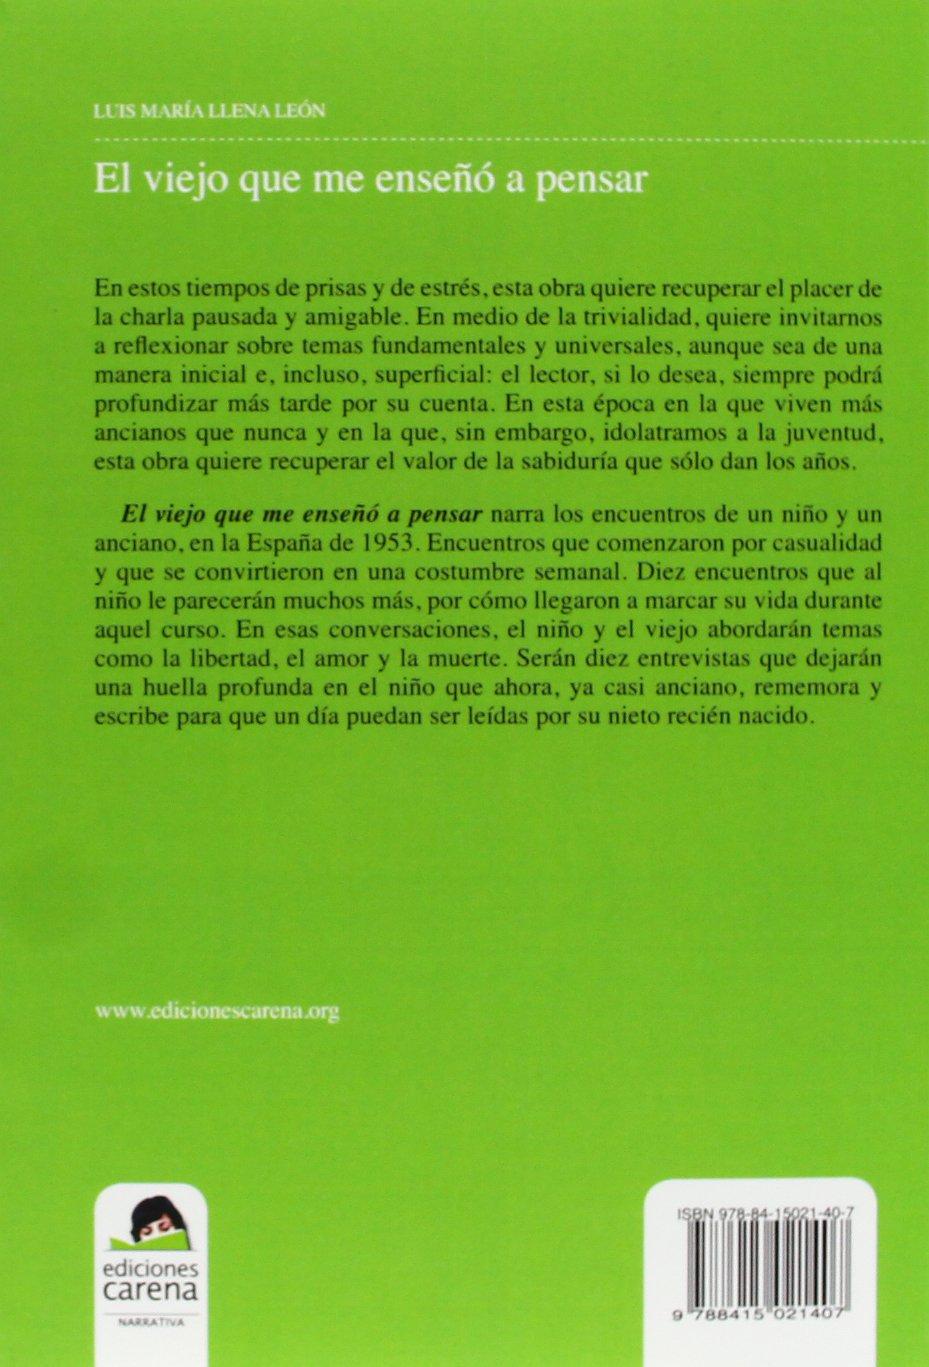 El Viejo Que Me Enseñó A Pensar (Spanish Edition): Luis María Llena ...